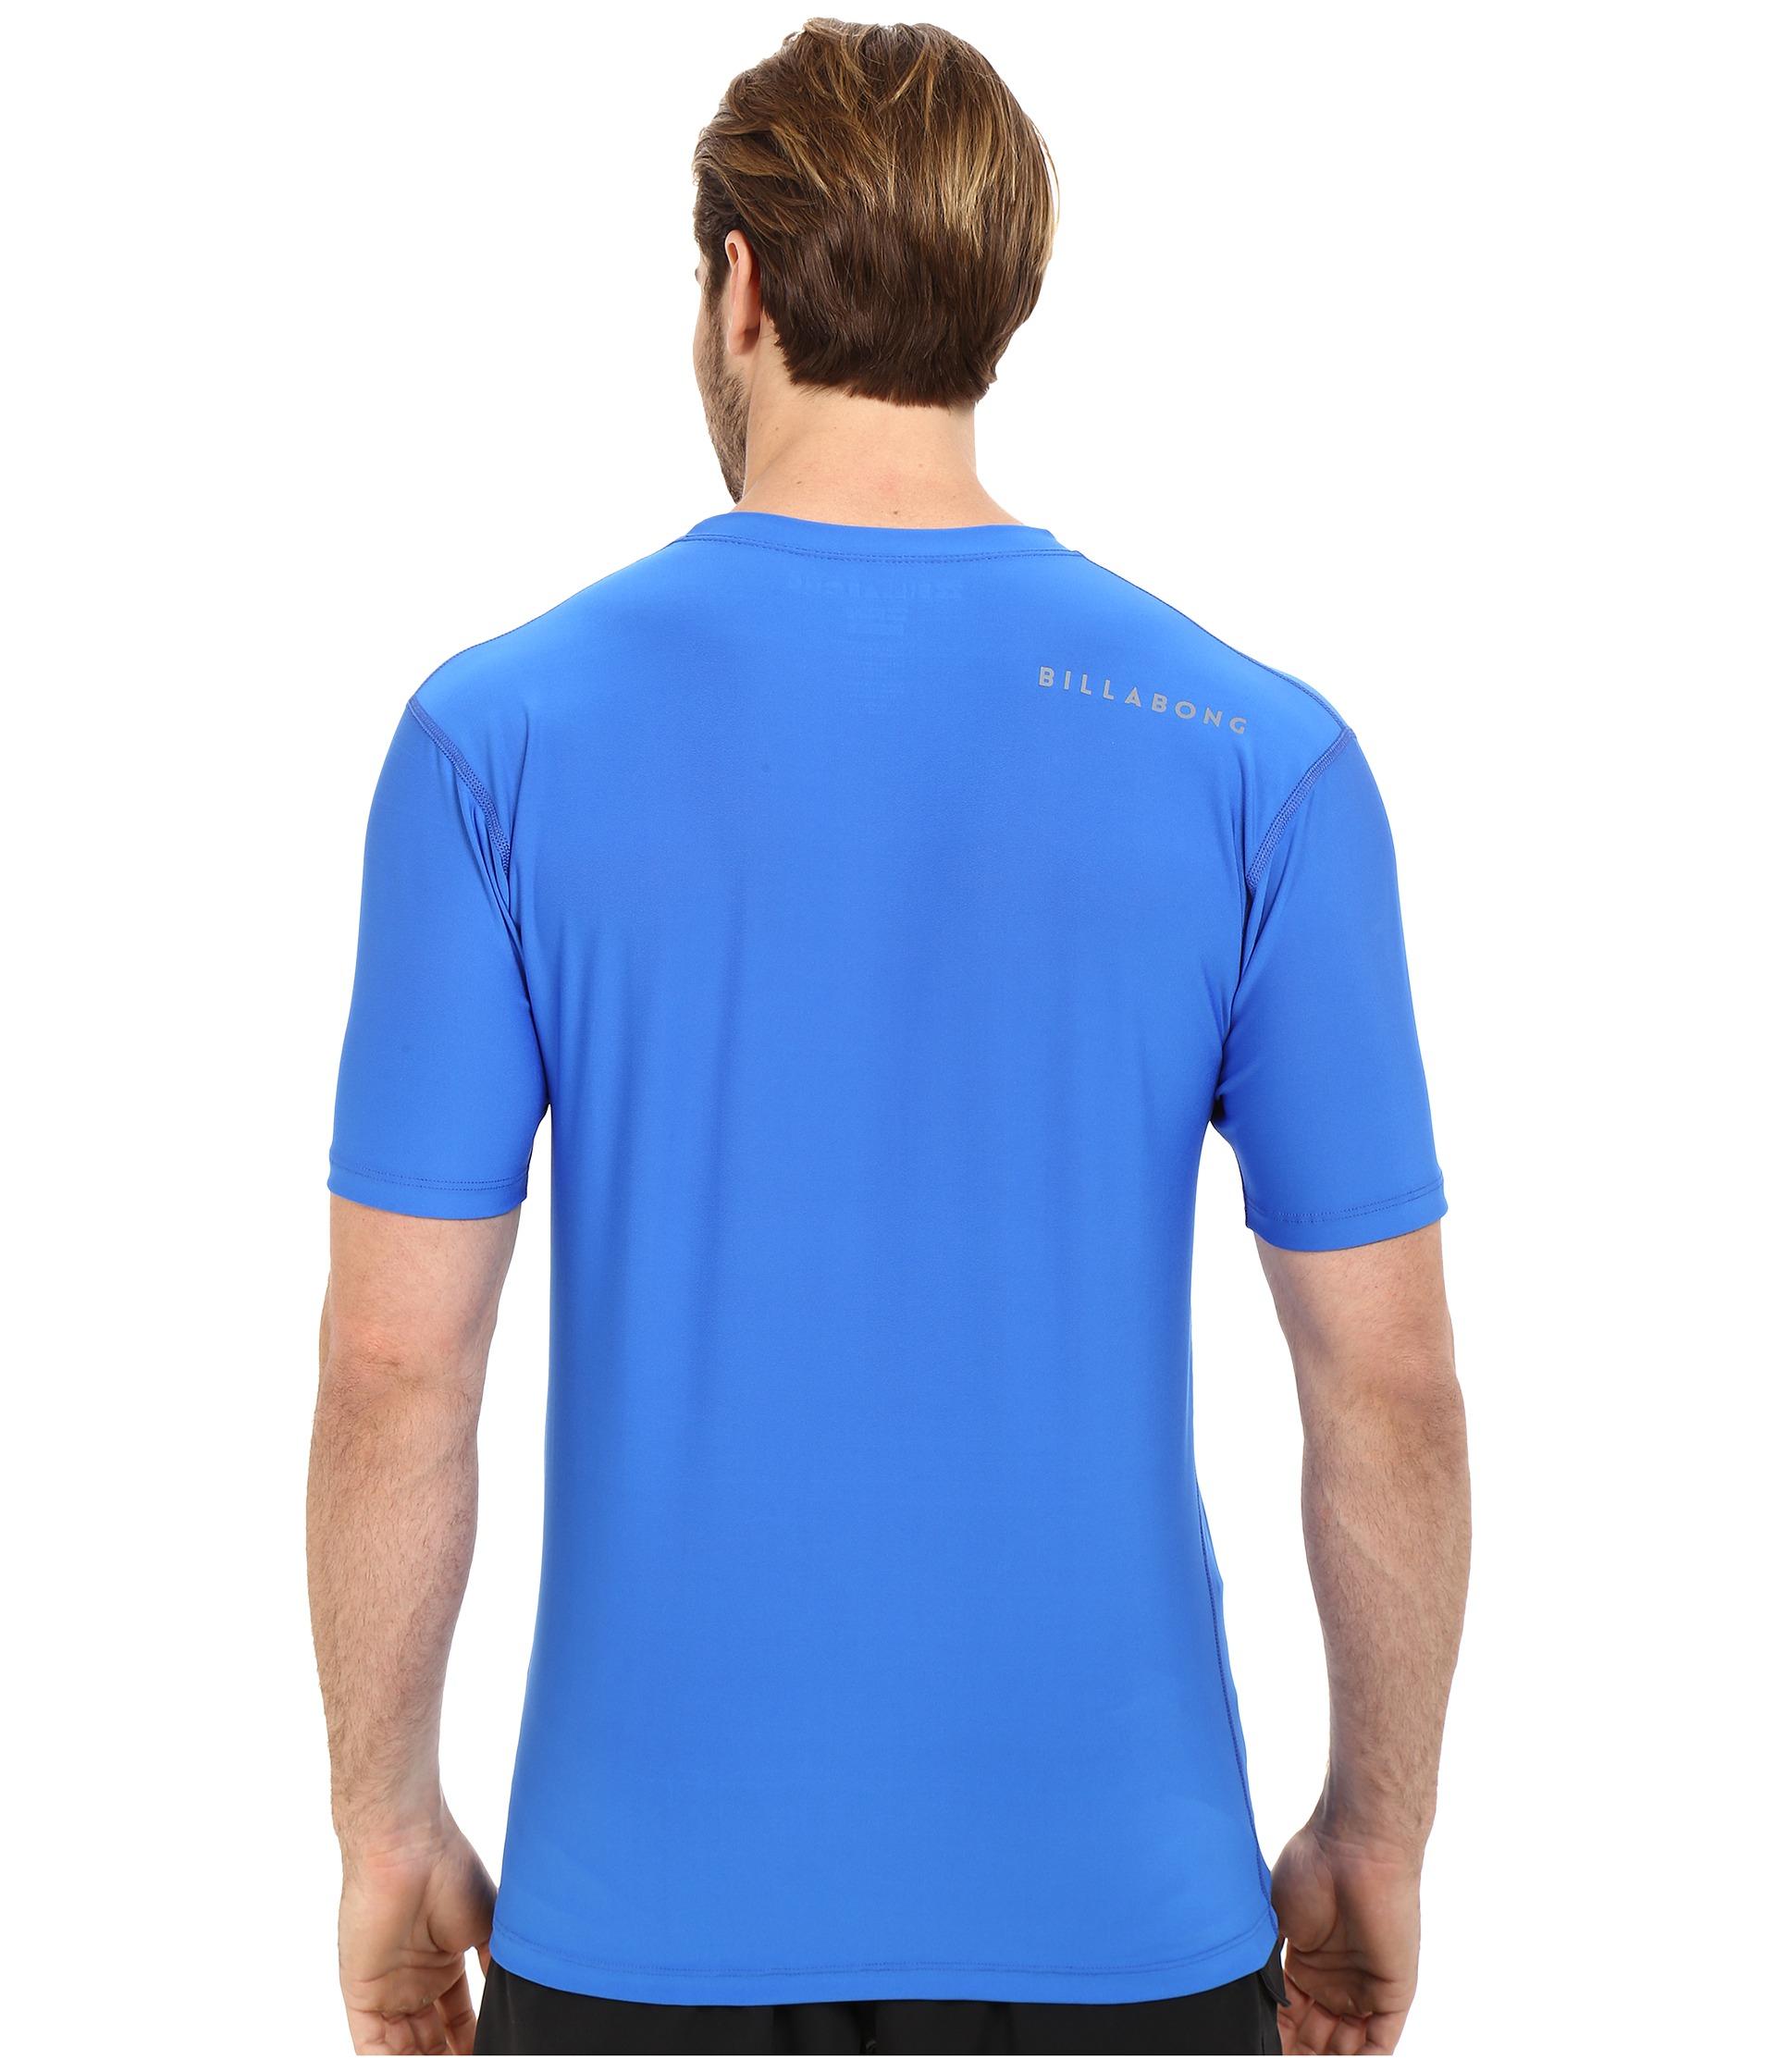 Billabong Chronicle Short Sleeve Rashguard in Blue for Men ...